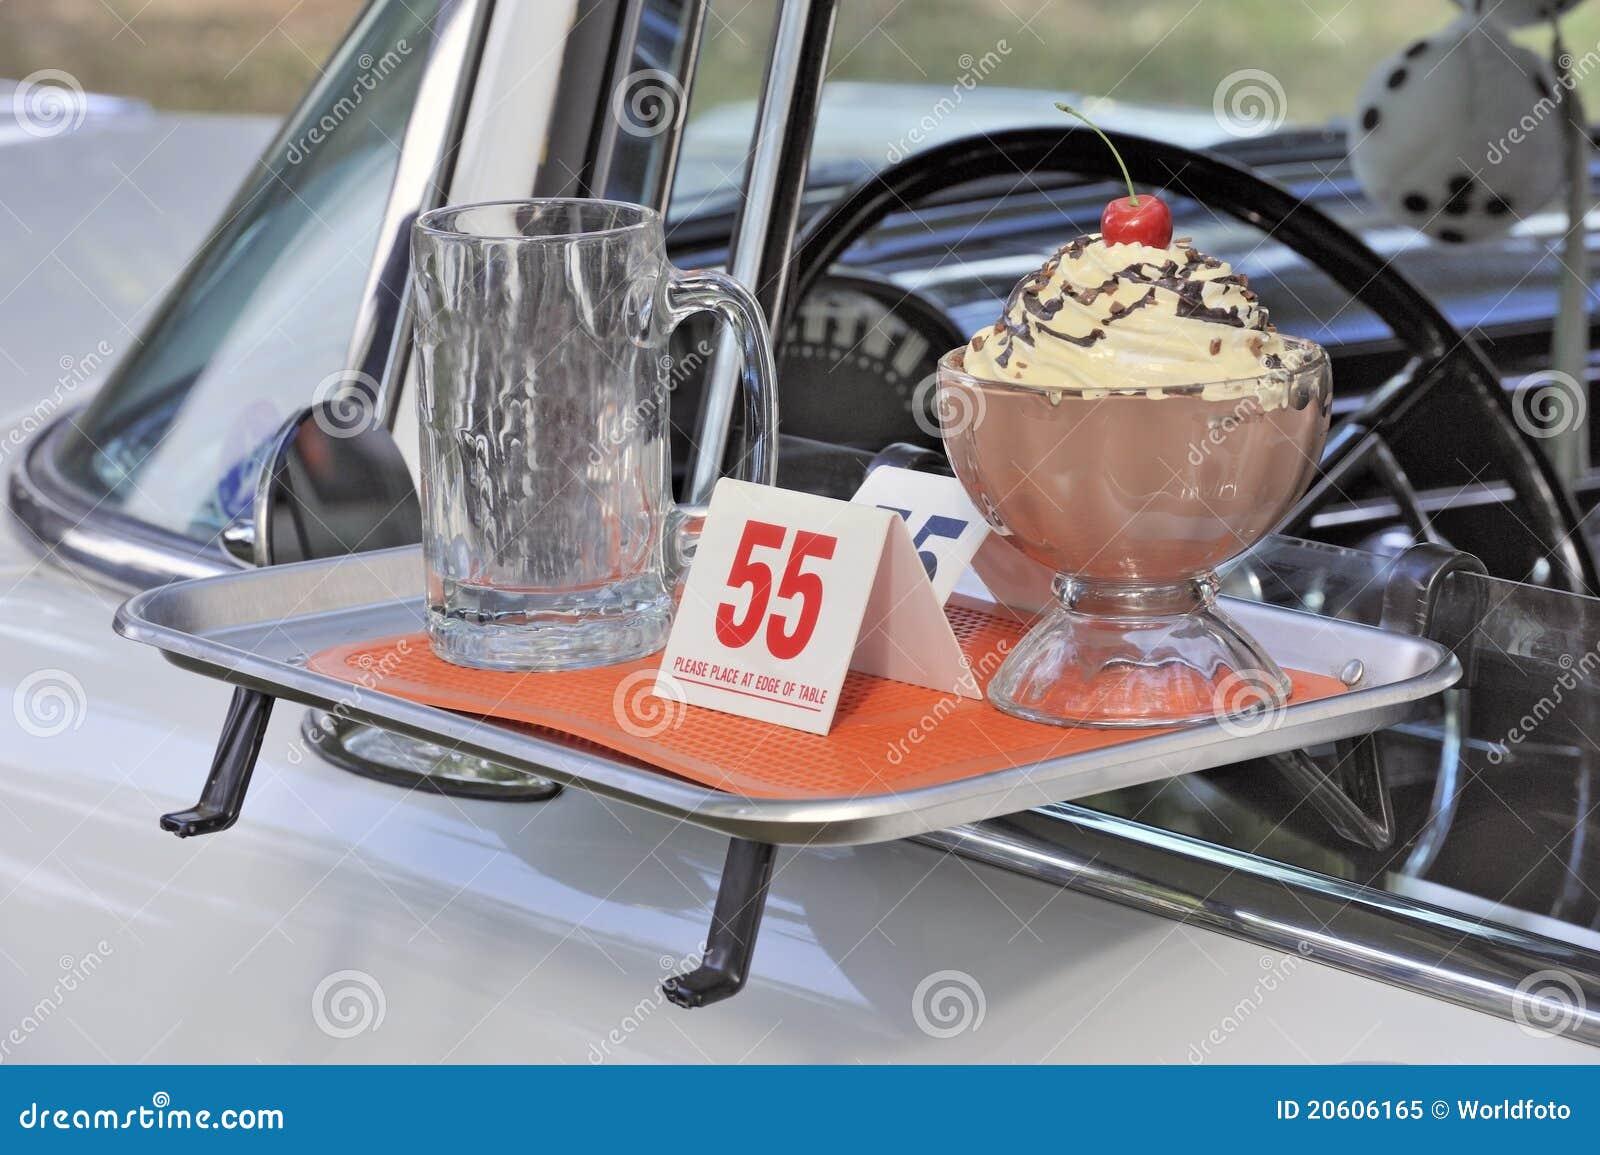 Κλασικό αμερικανικό θέμα αυτοκινήτων και γρήγορου γεύματος δεκαετίας του  50